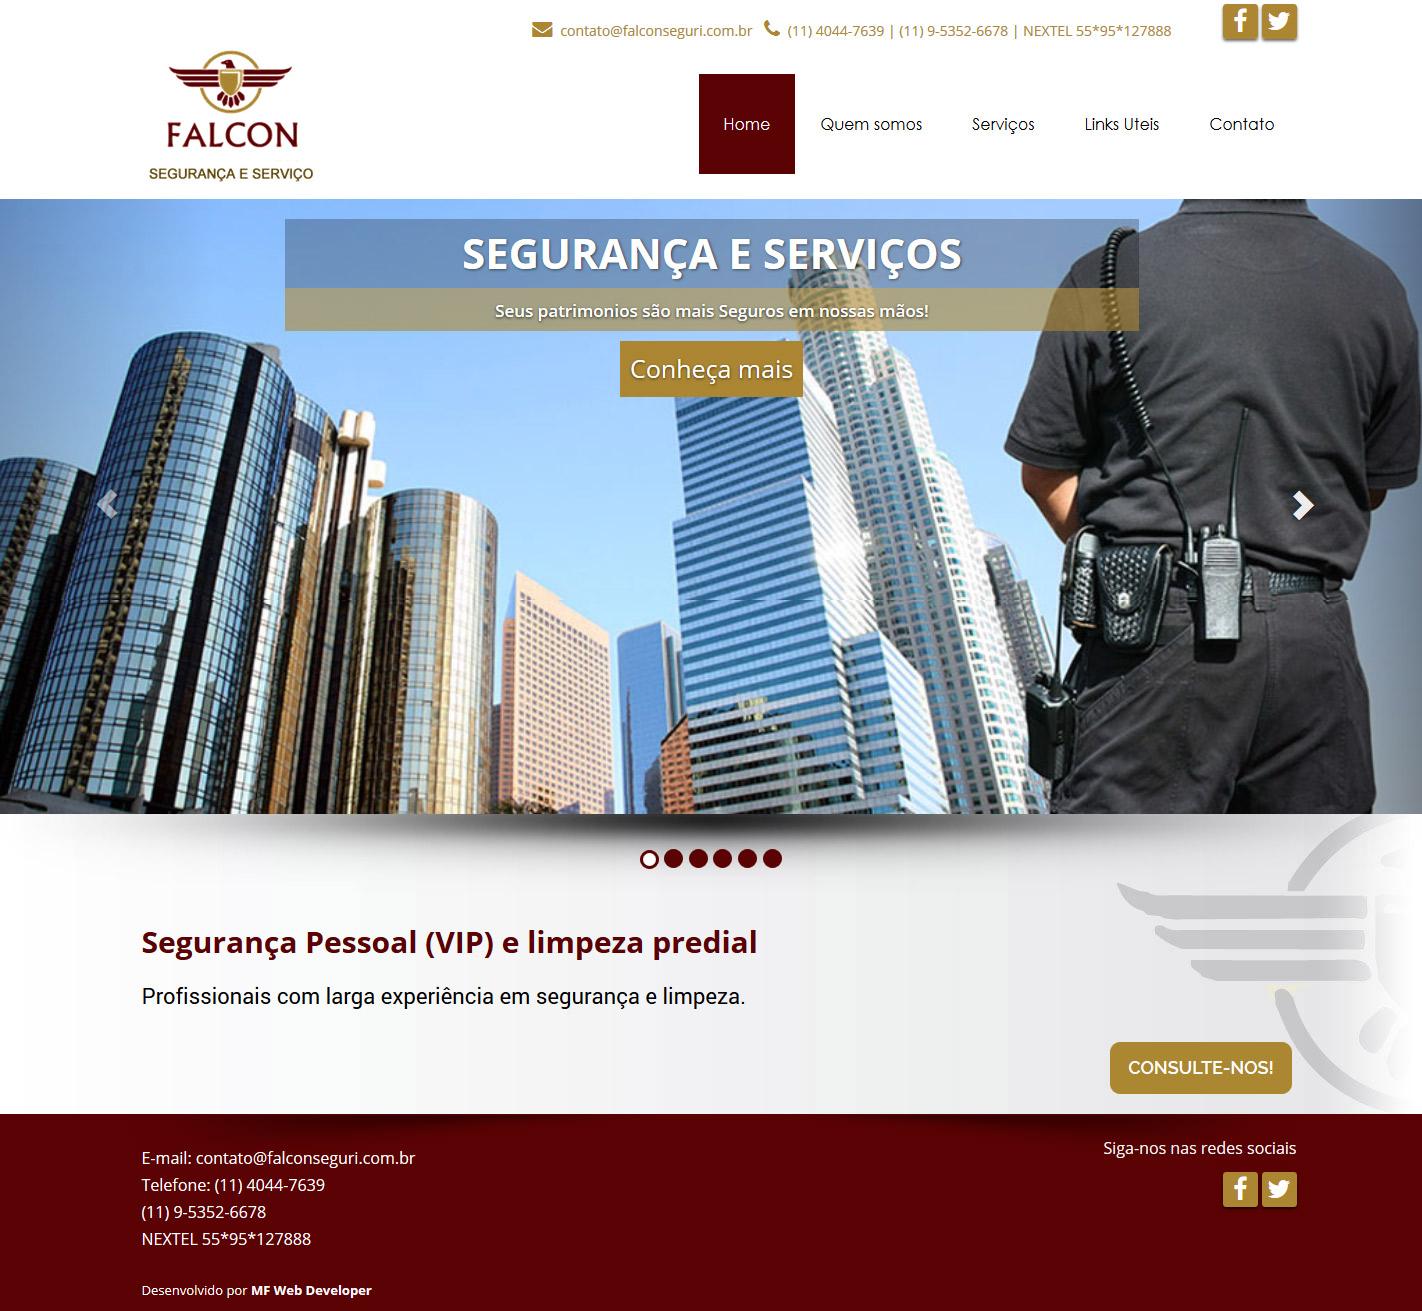 Site – Falcon Segurança & Serviços